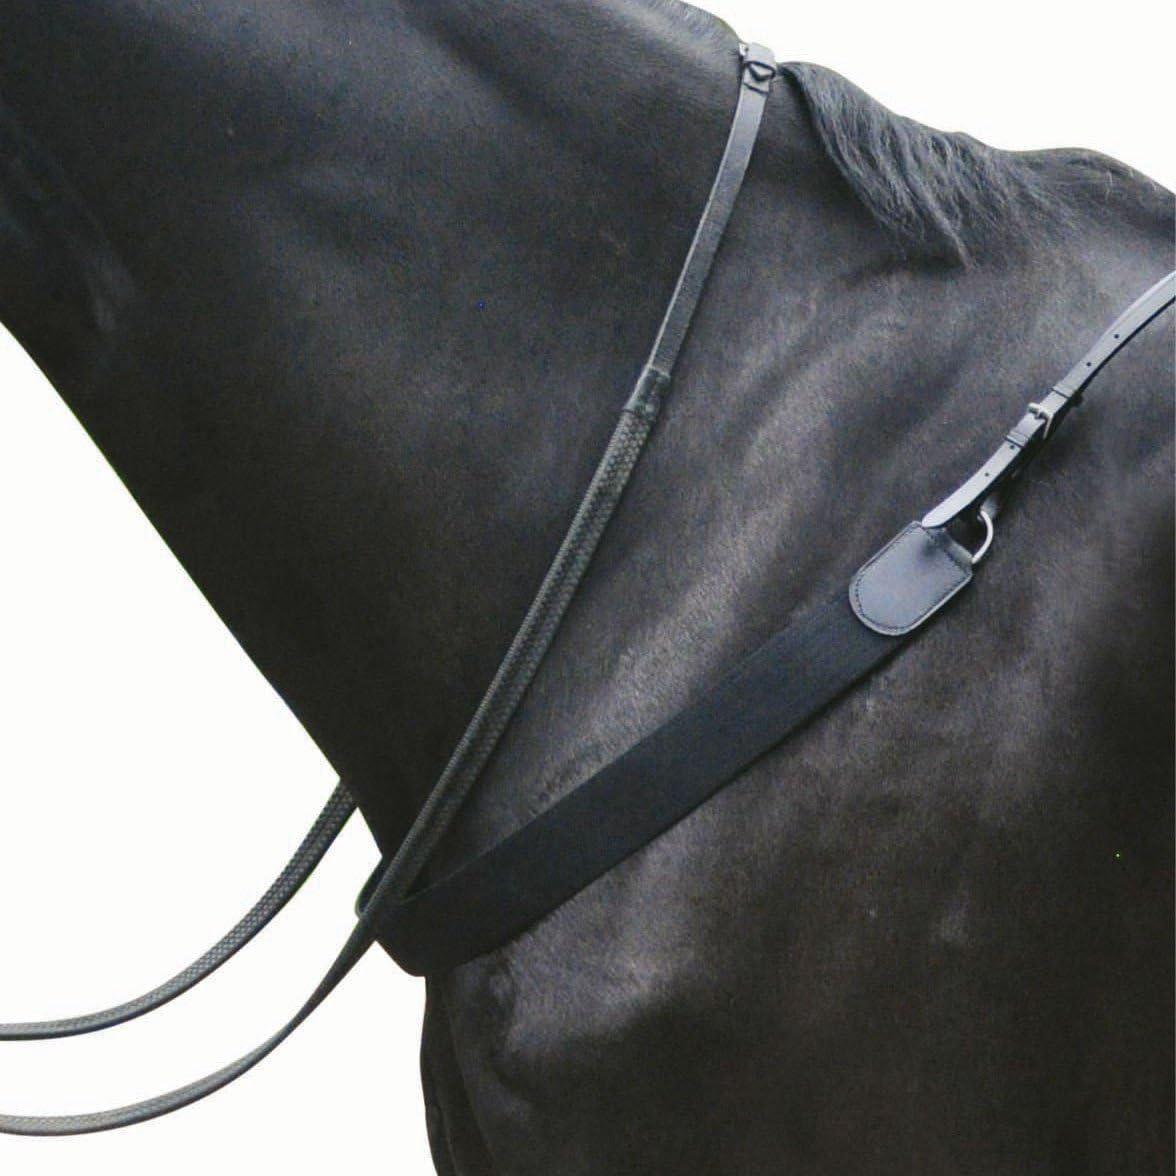 Kincade - Pechopetral elástico de cuero II para salto de obstáculos